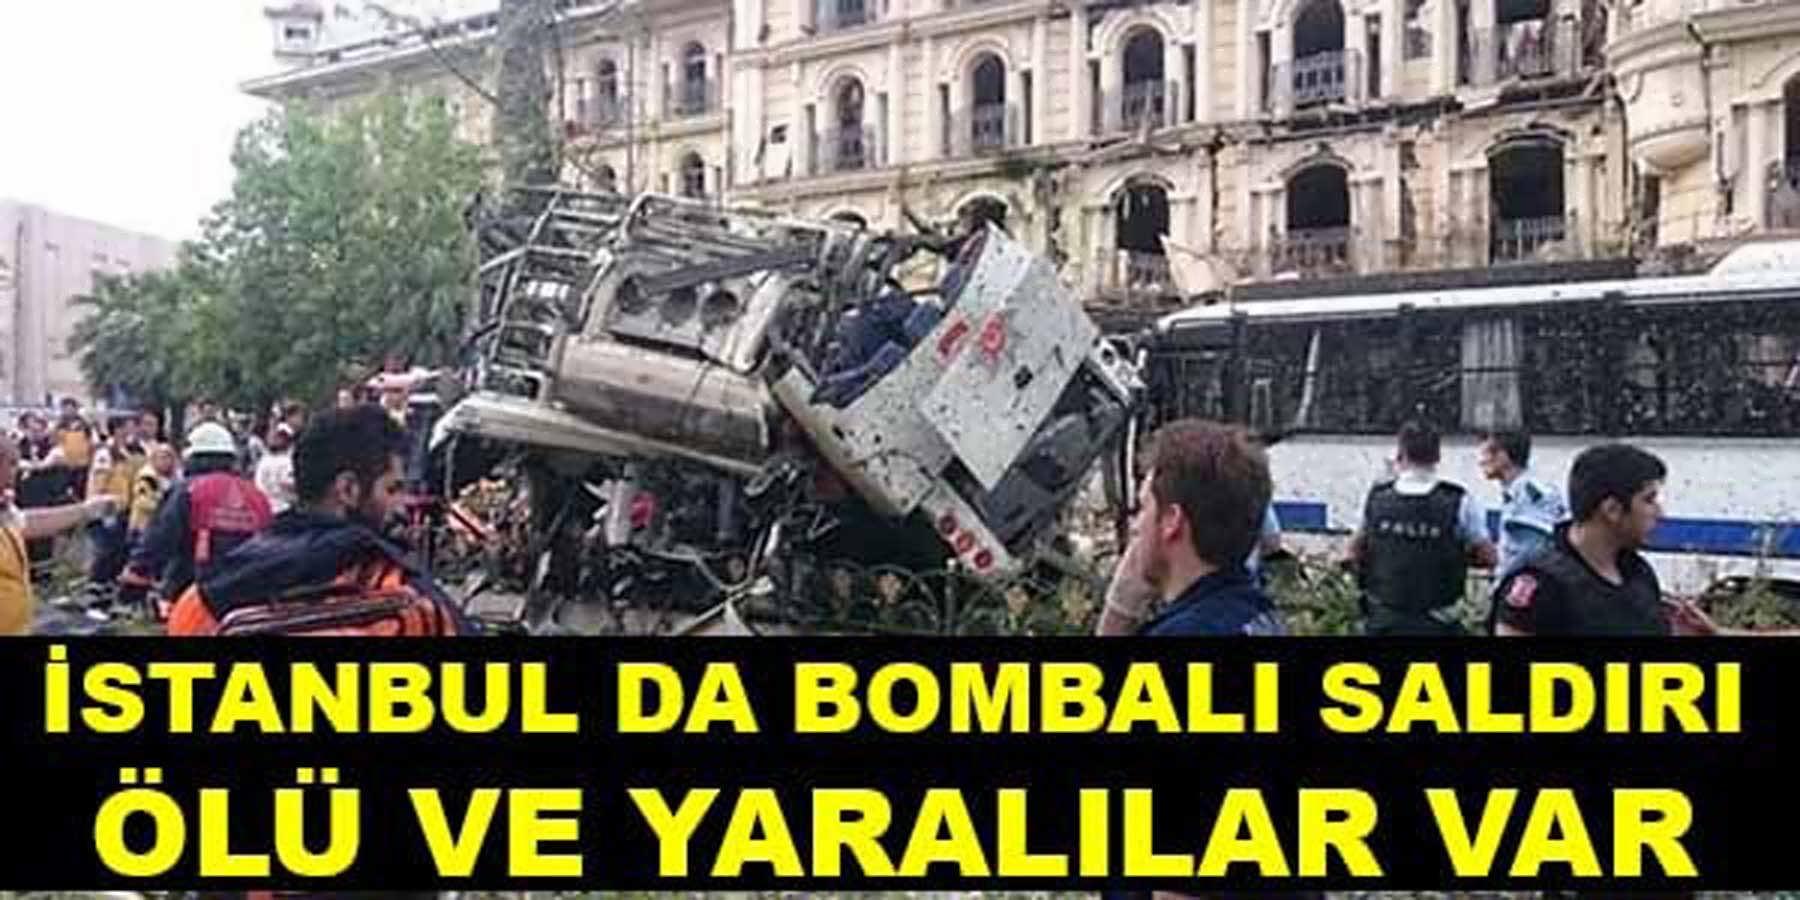 İstanbul Fatih'te Polise Bombalı Saldırı Ölü ve Yaralılar Var